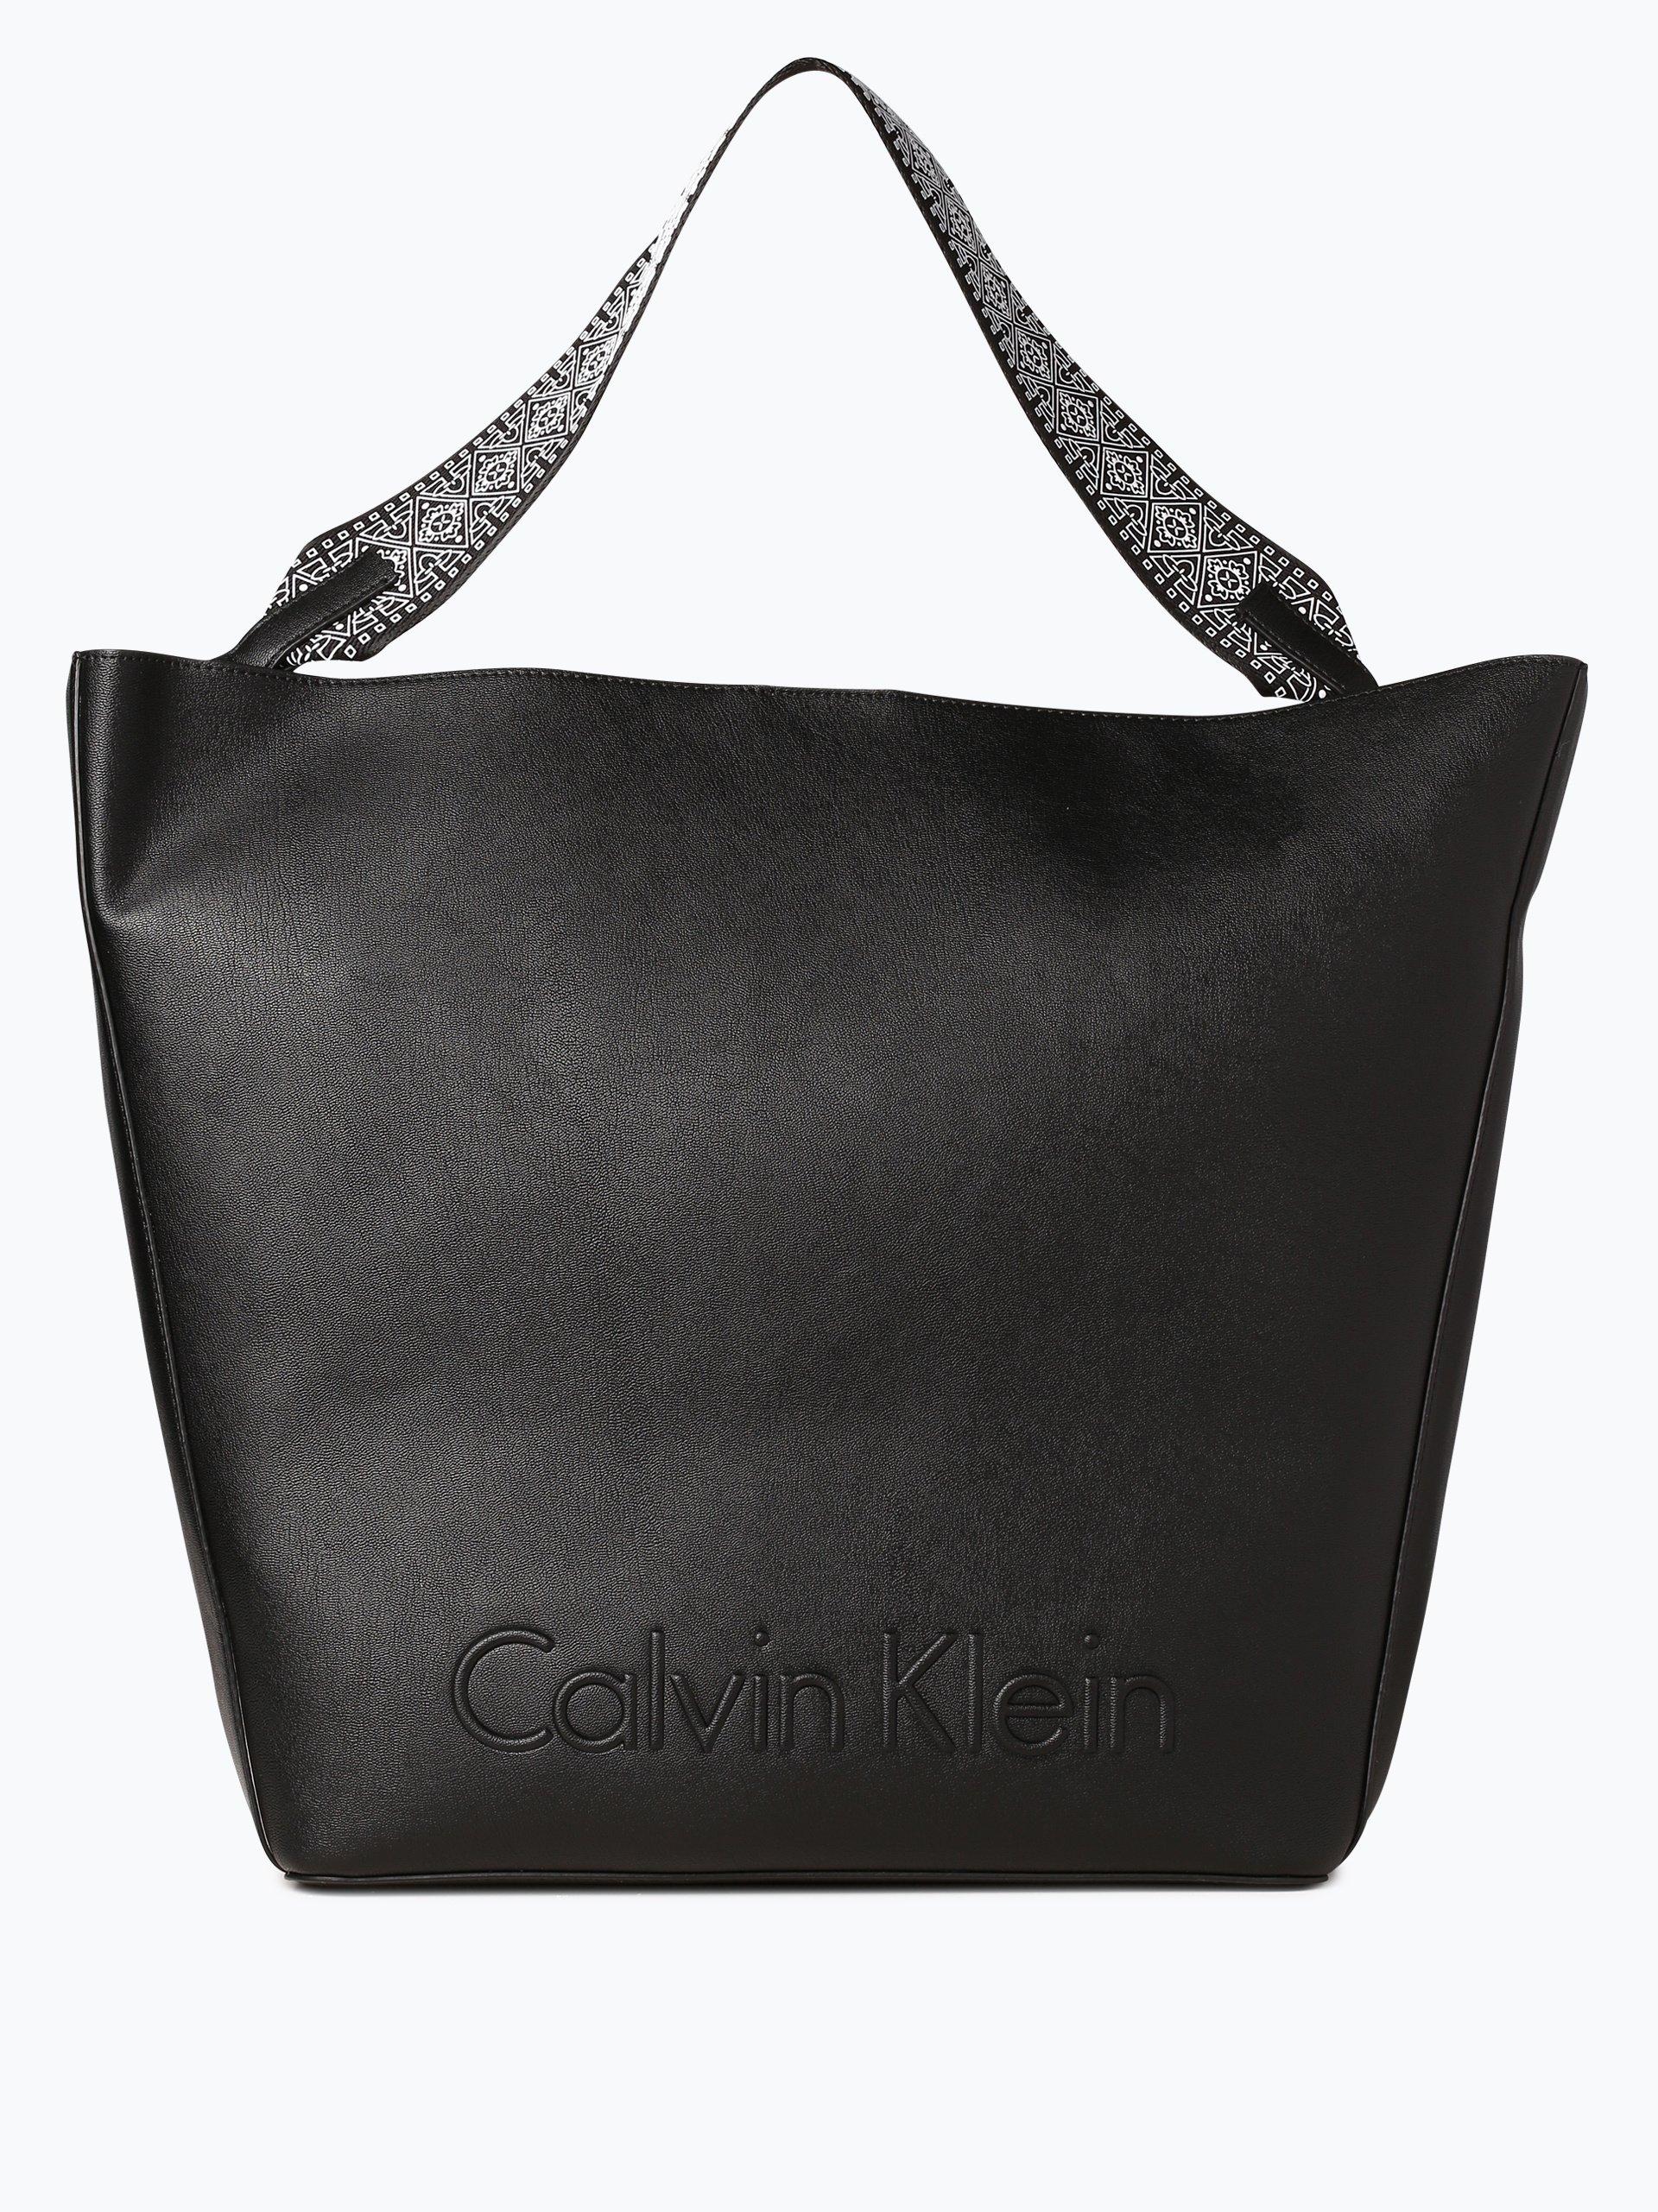 calvin klein damen shopper schwarz uni online kaufen. Black Bedroom Furniture Sets. Home Design Ideas